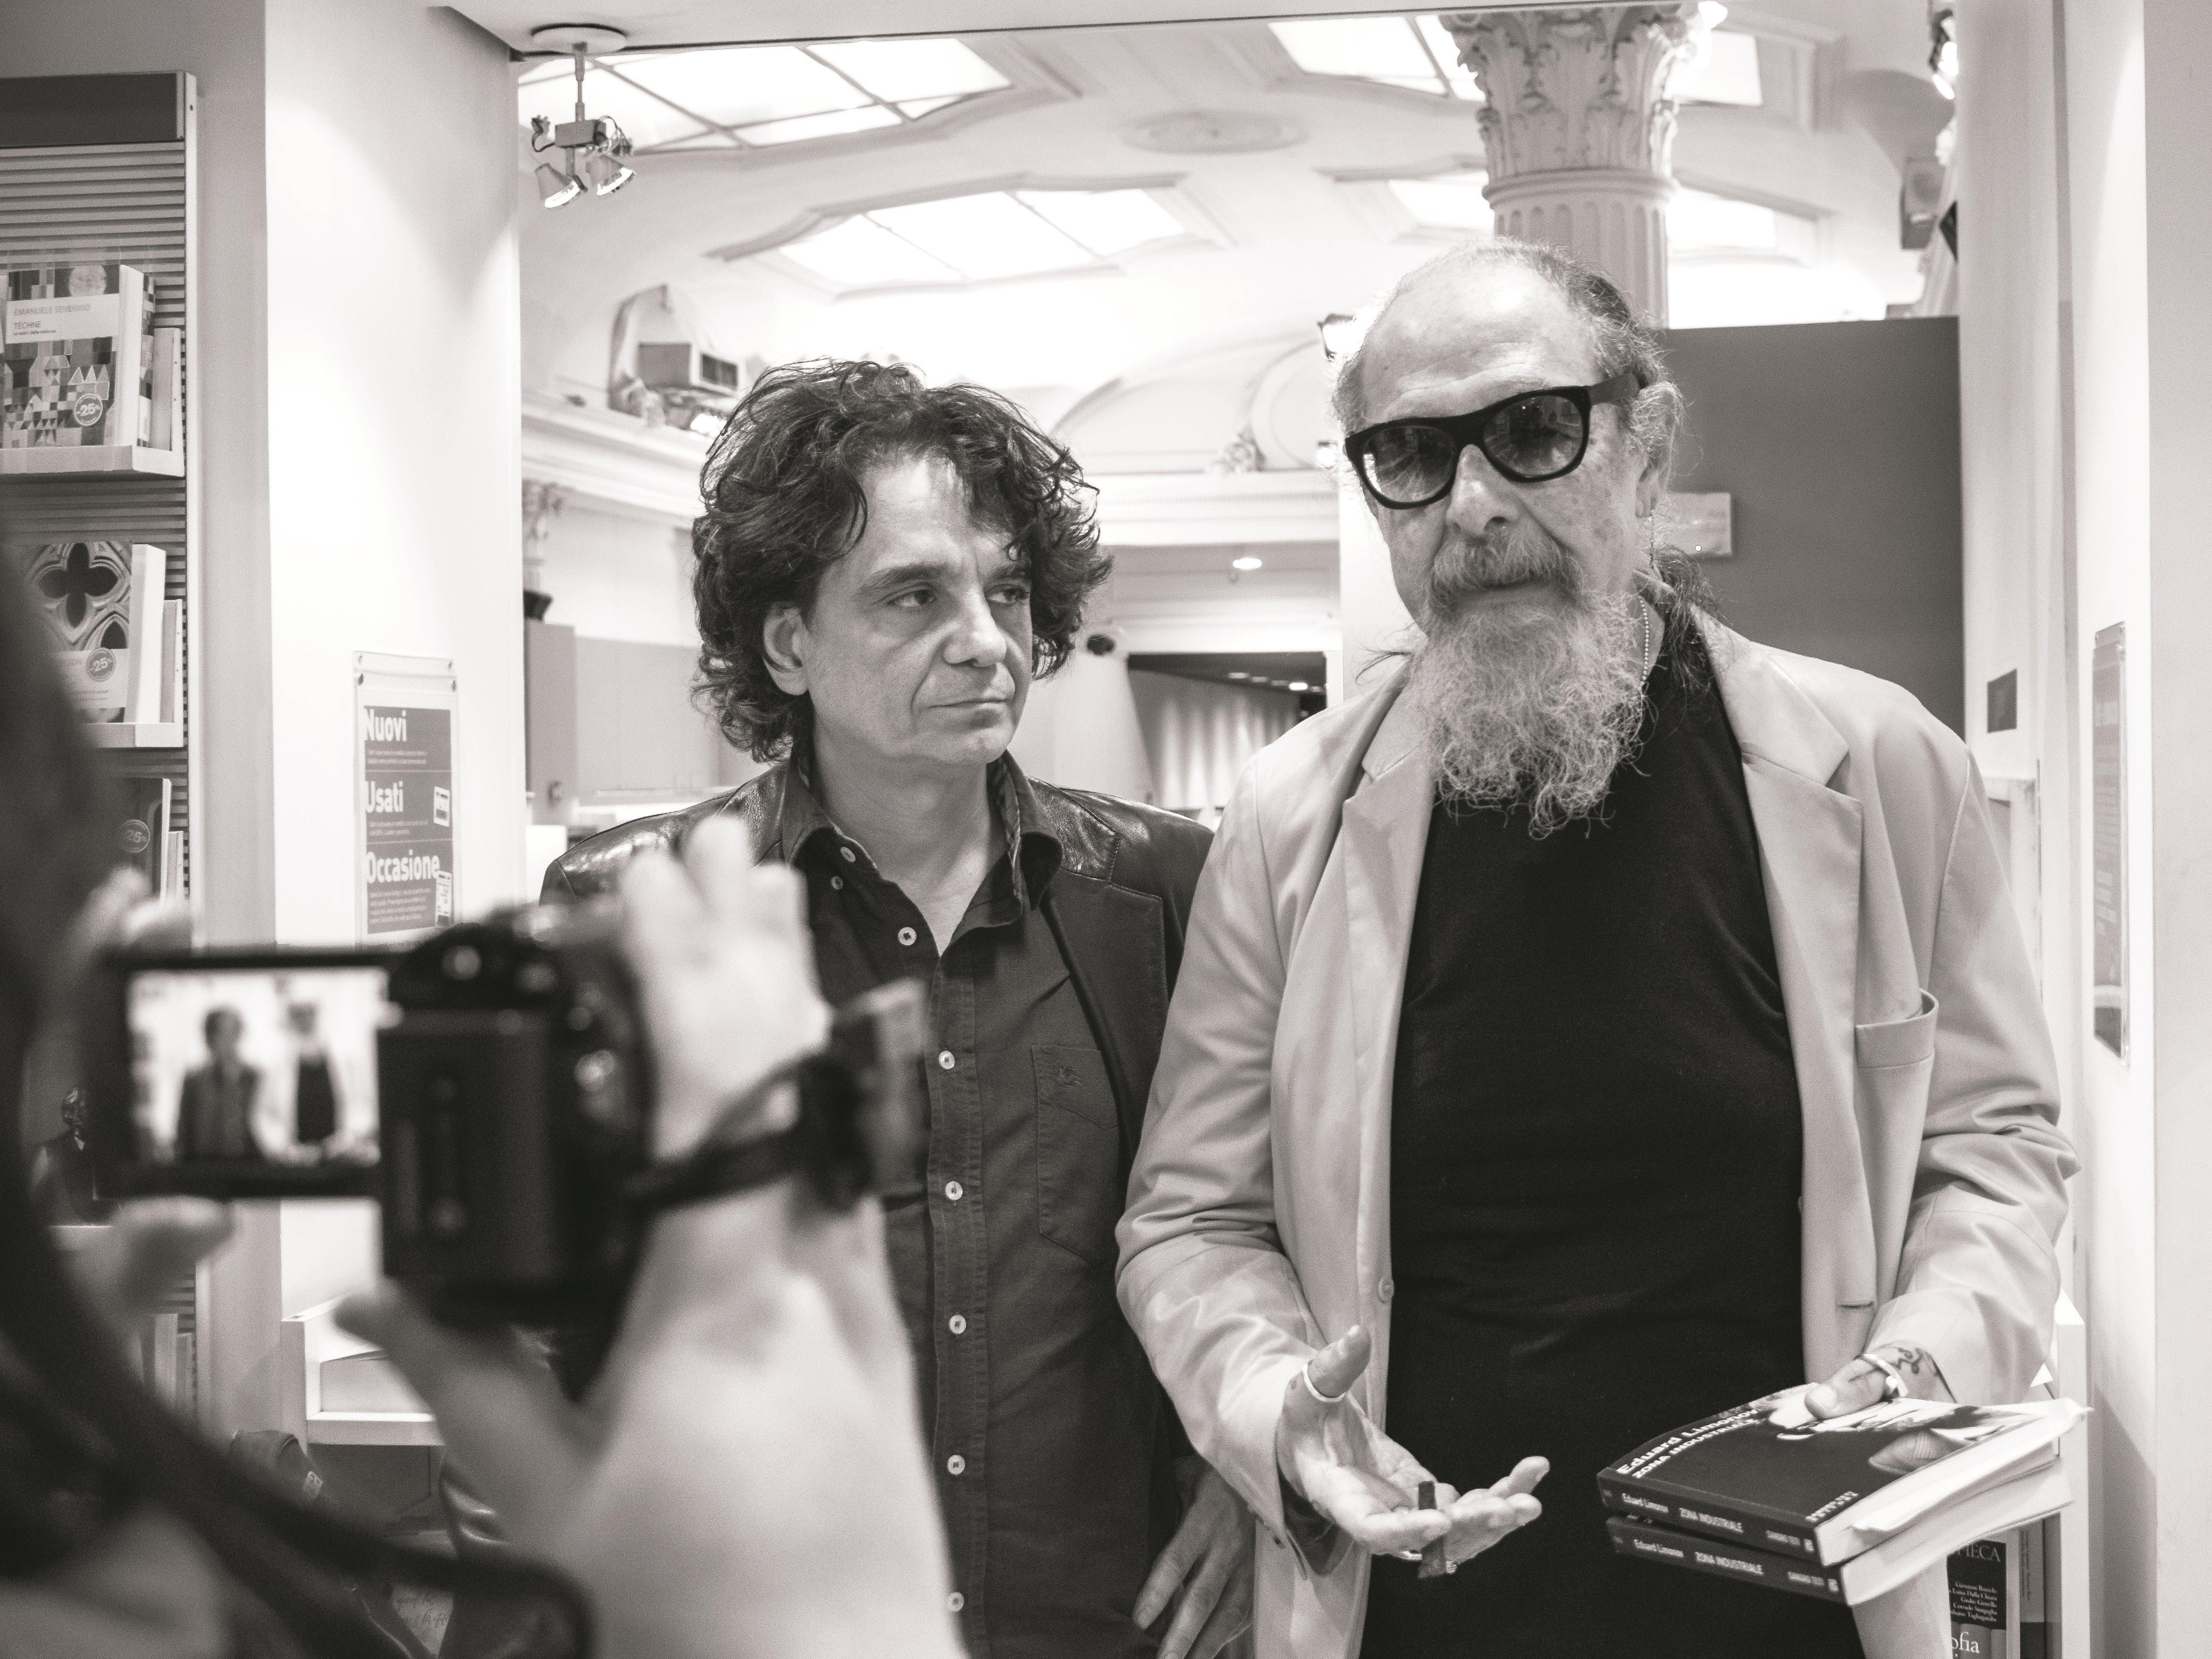 """Presentazione del libro di Eduard Limonov """"Zona industriale"""" presso IBS+Libraccio a Roma. L'editore Sandro Teti e Roberto D'Agostino."""